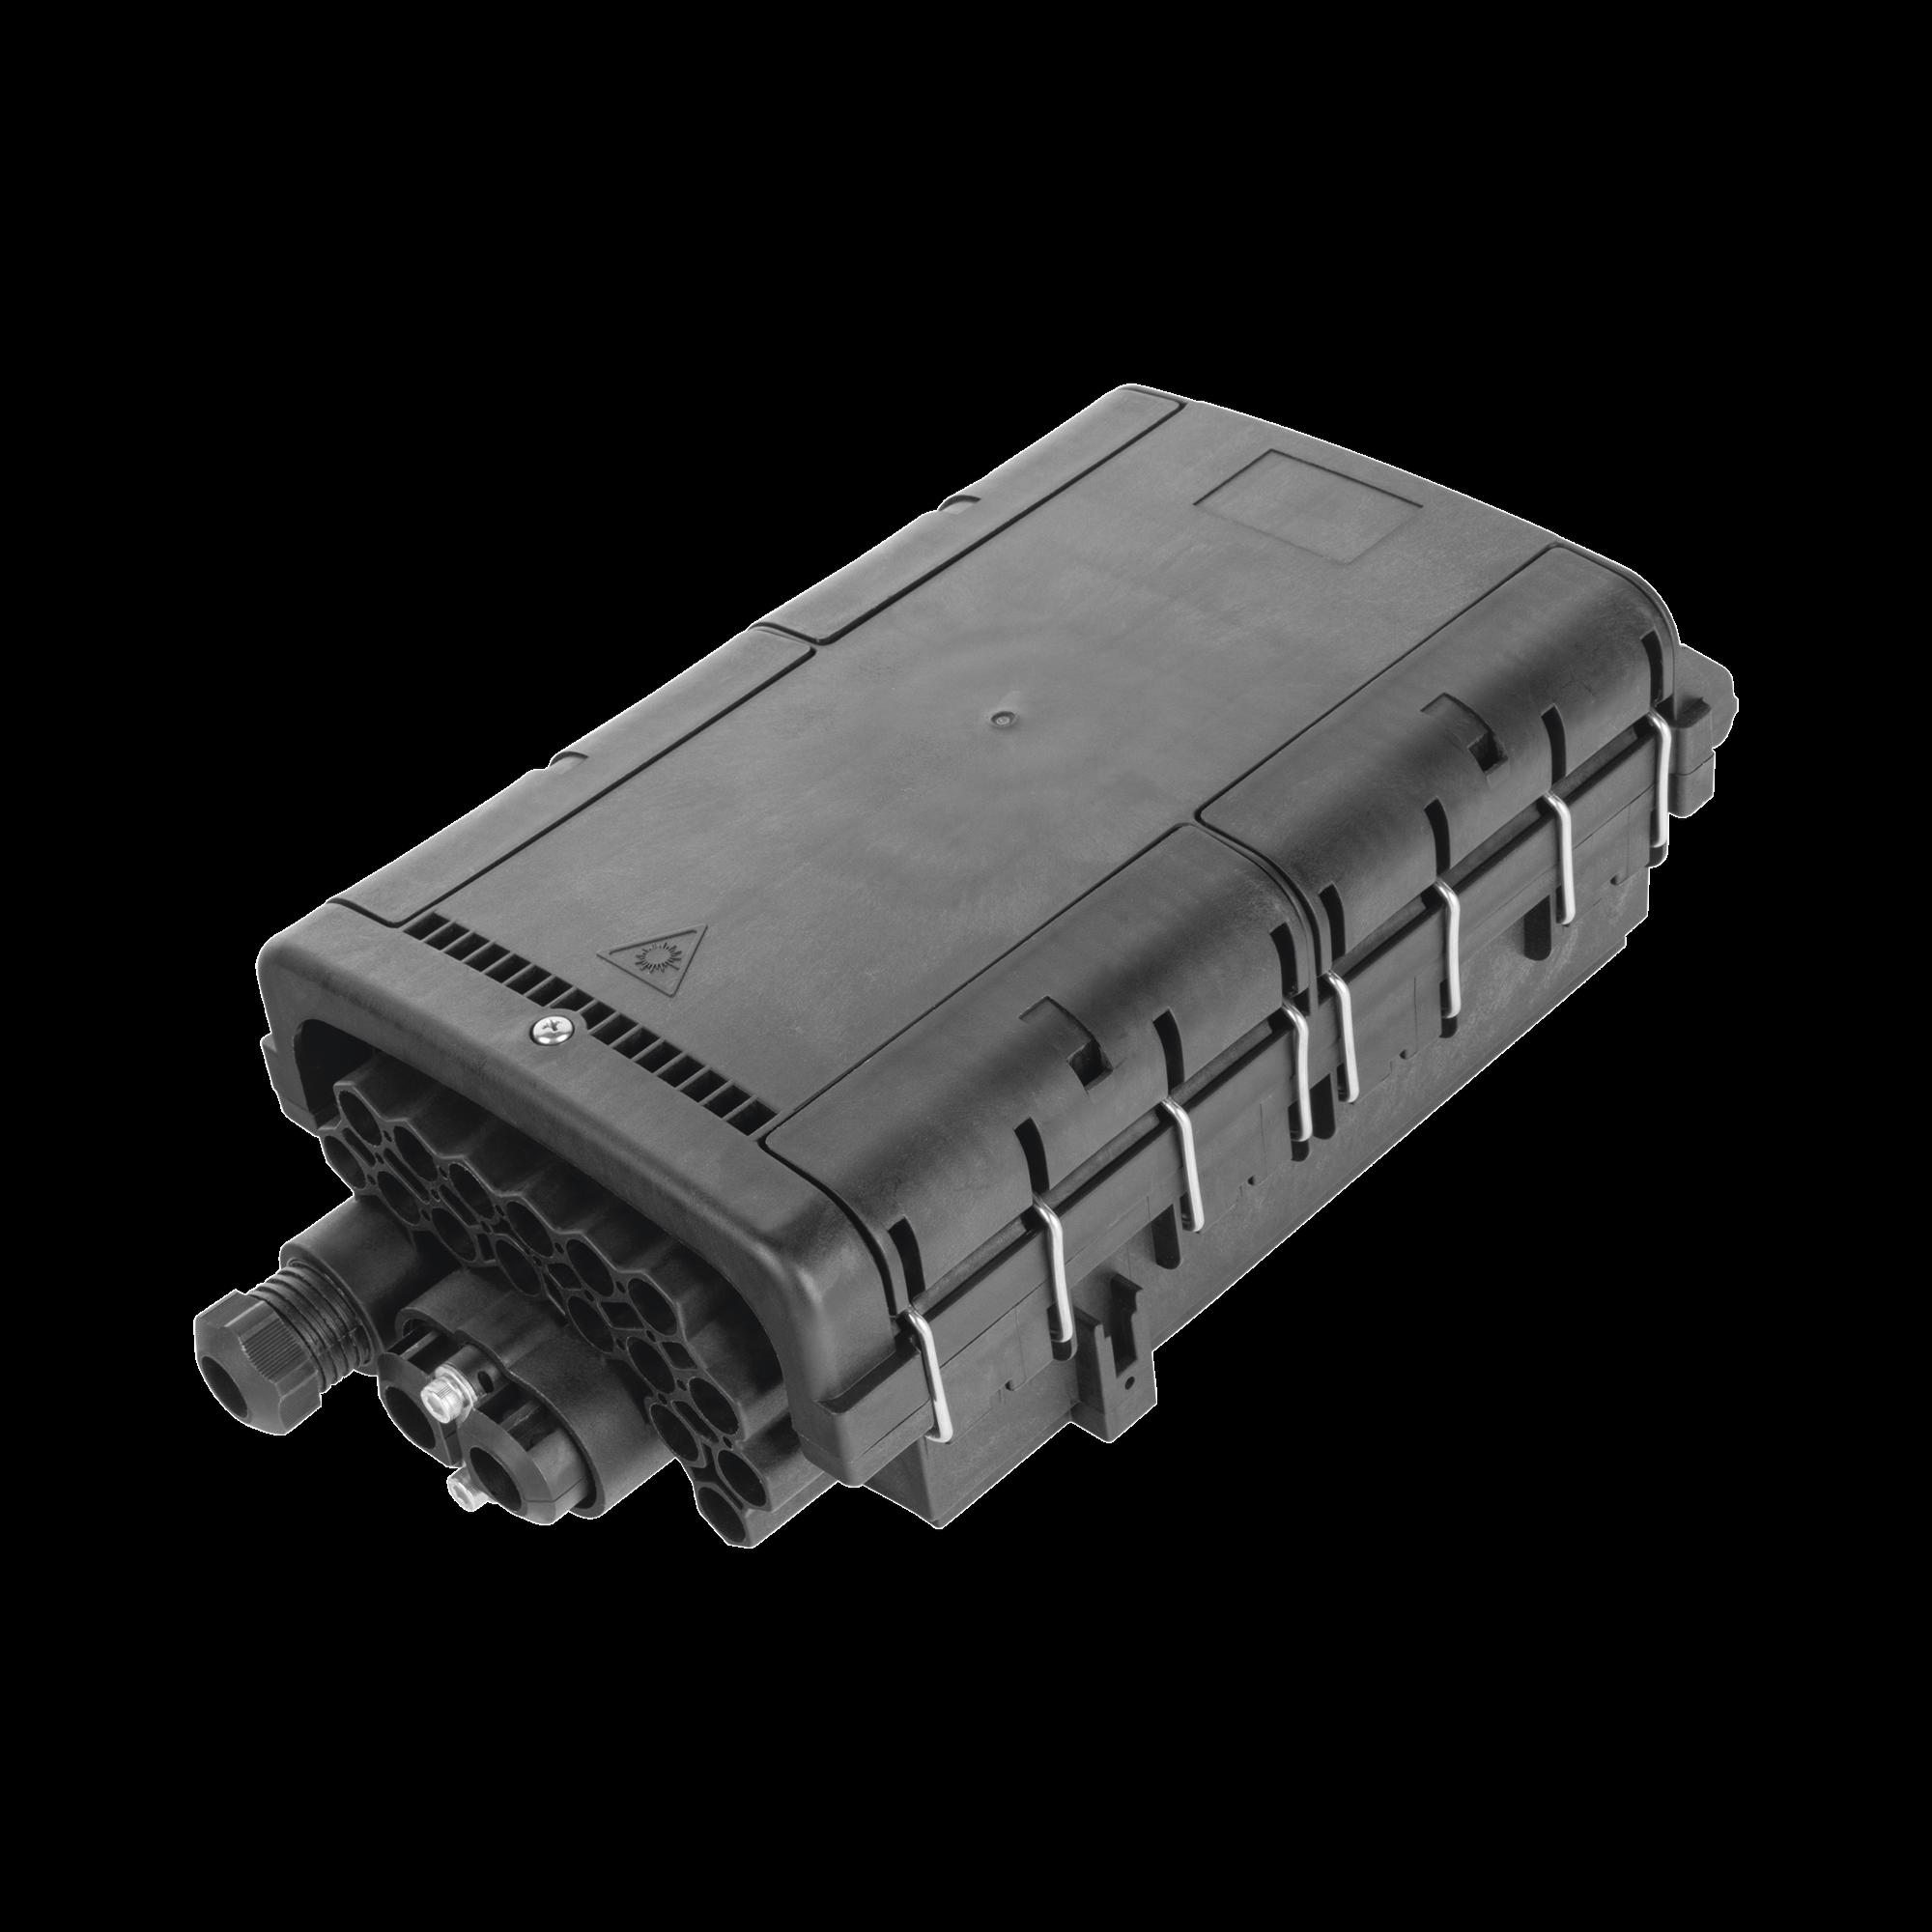 Caja de Distribución de Fibra óptica para 48 empalmes con 16 acopladores SC/APC, enterrado directo, IP68